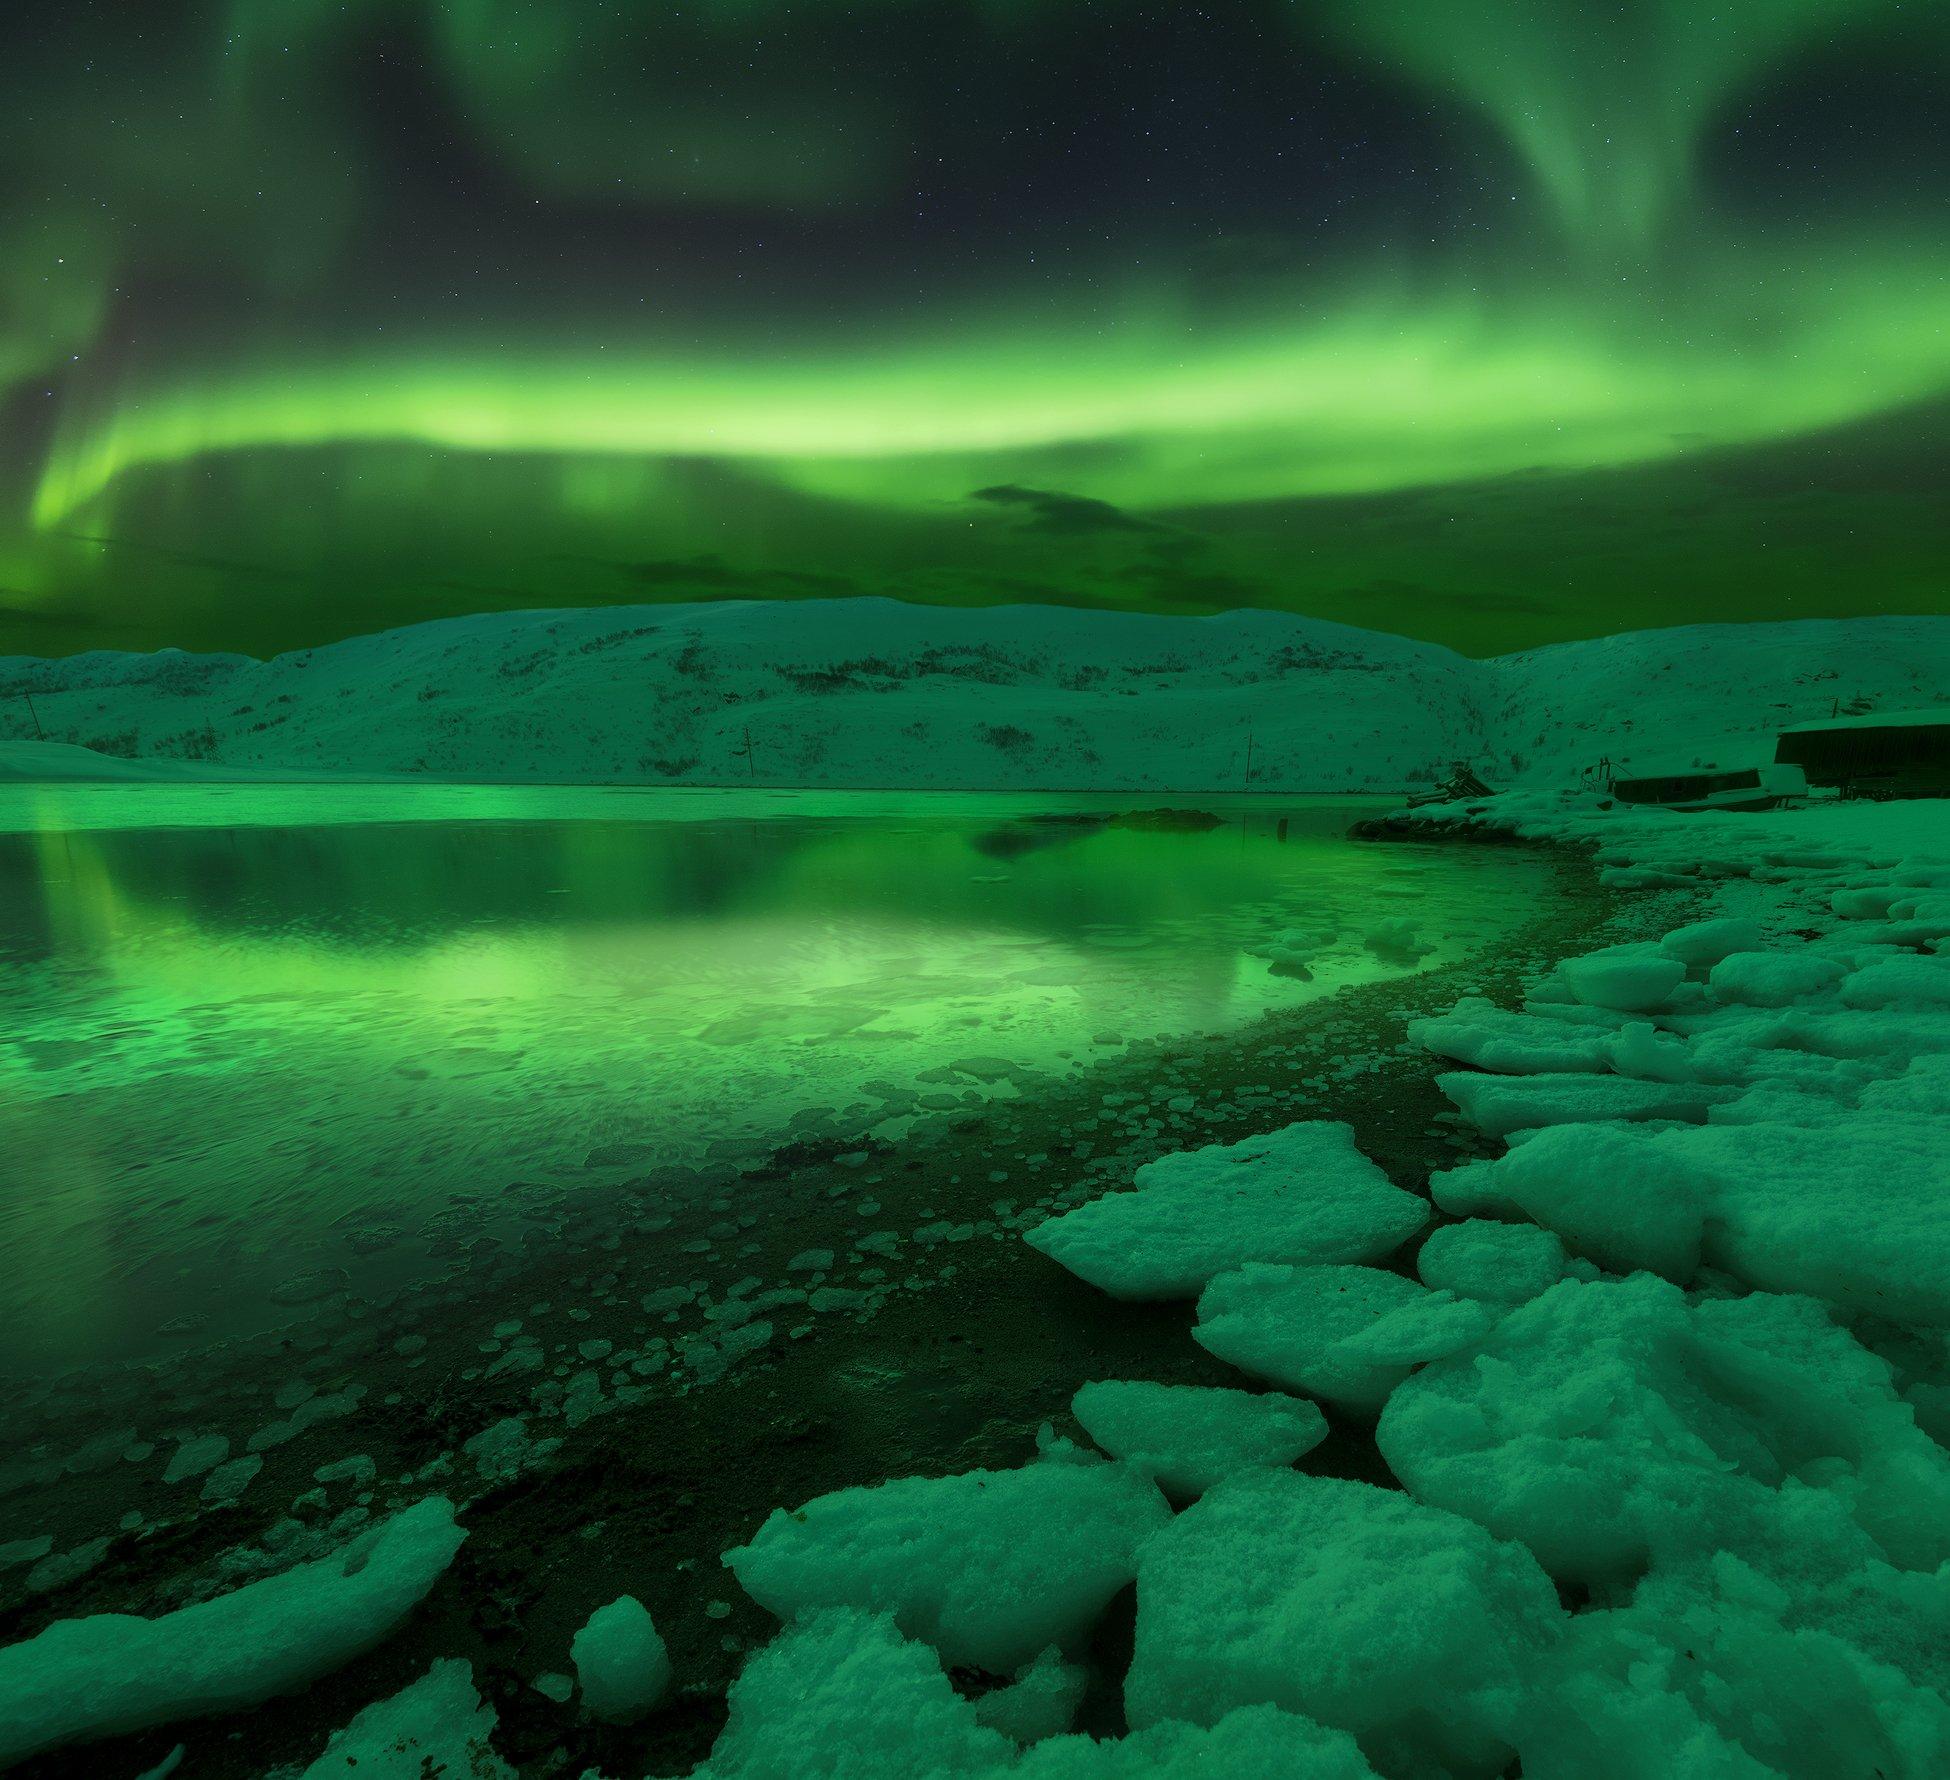 Aurora, theNothern Lights, night, Териберка, Кольский полуостров, Северное сияние, Анастасия Малых